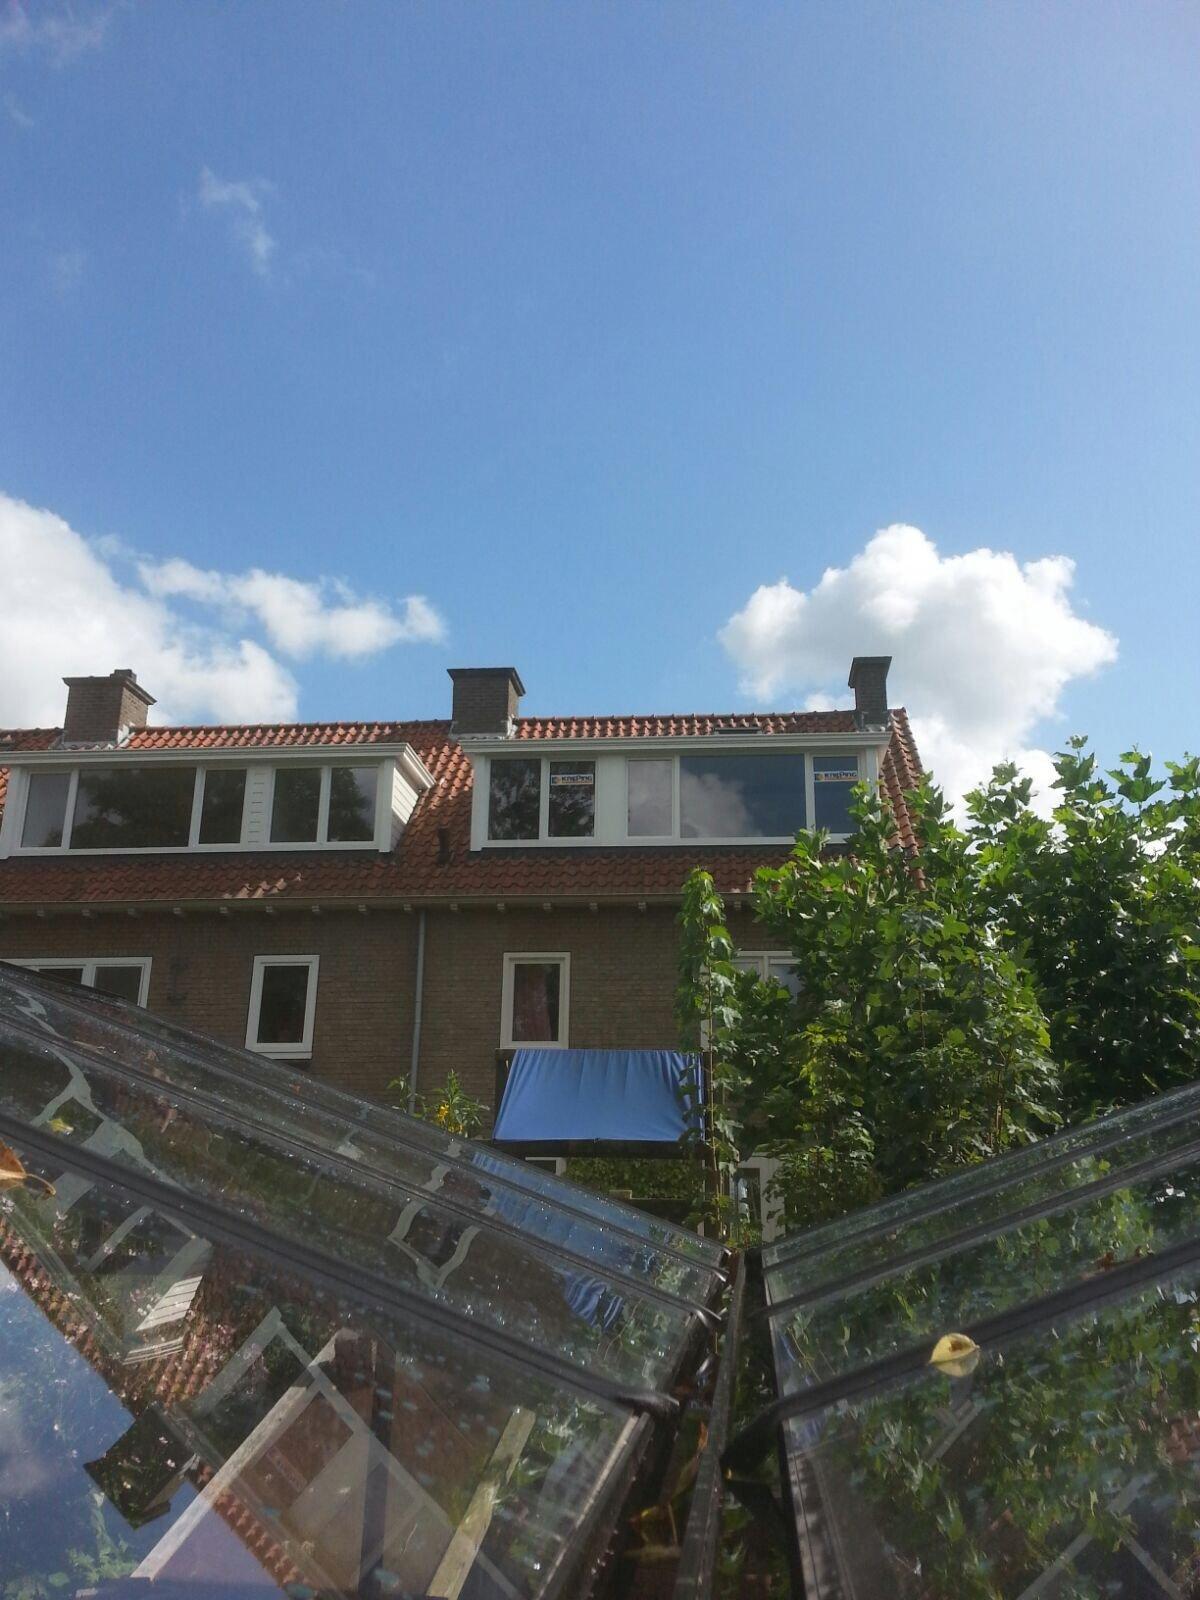 Door mond tot mond reclame de vierde Knipping prolux dakkapel in de straat gemonteerd.